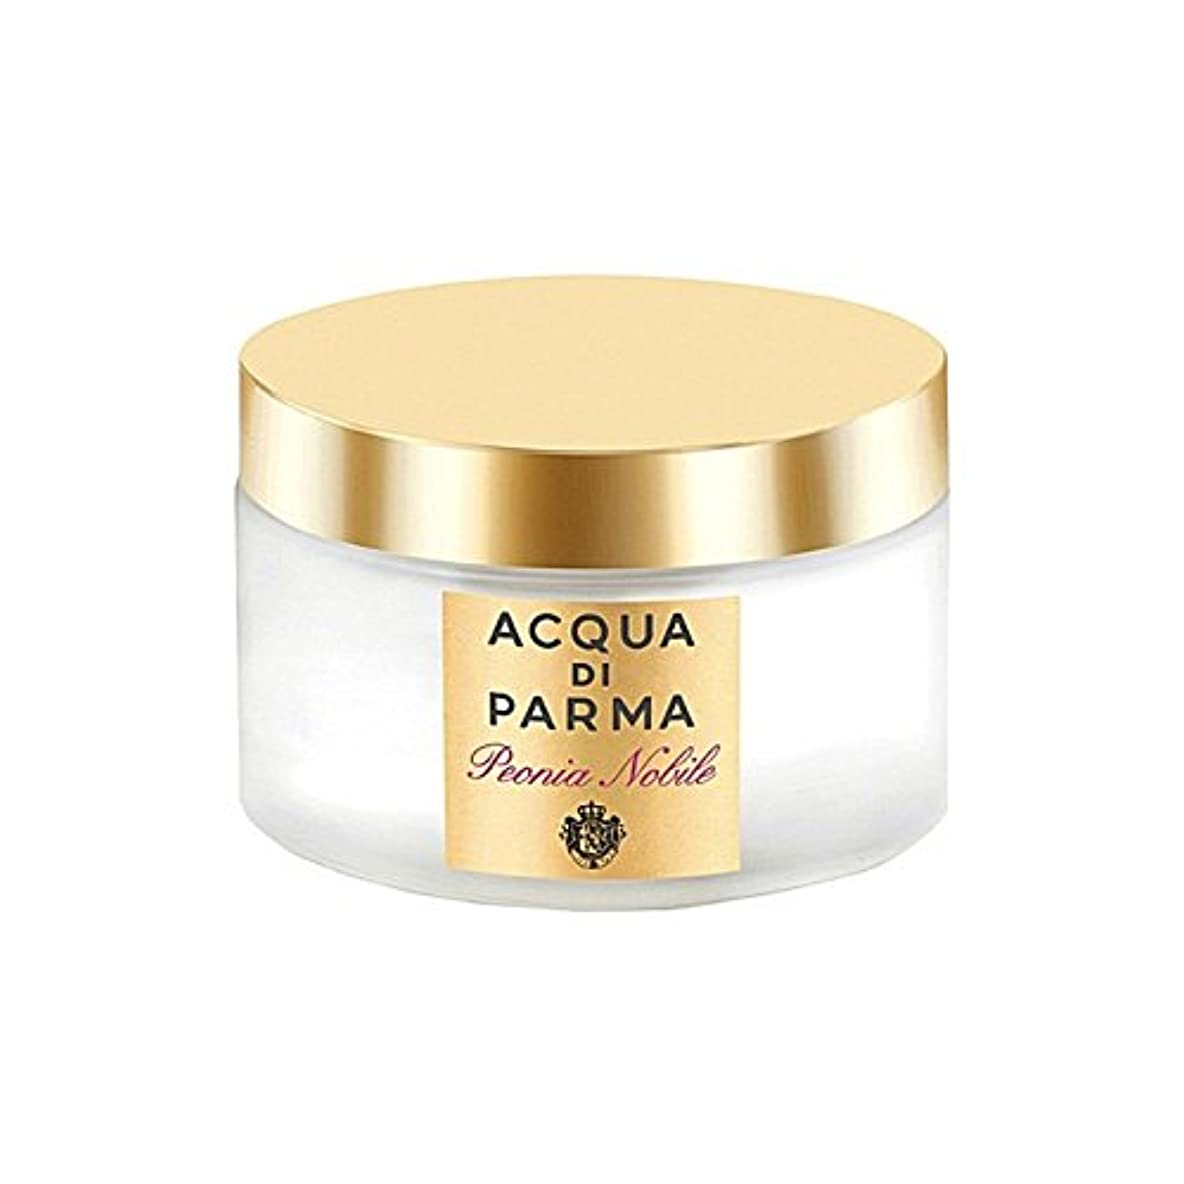 忘れっぽいリス個人的にアクアディパルマノビレボディクリーム150ミリリットル x2 - Acqua Di Parma Peonia Nobile Body Cream 150ml (Pack of 2) [並行輸入品]